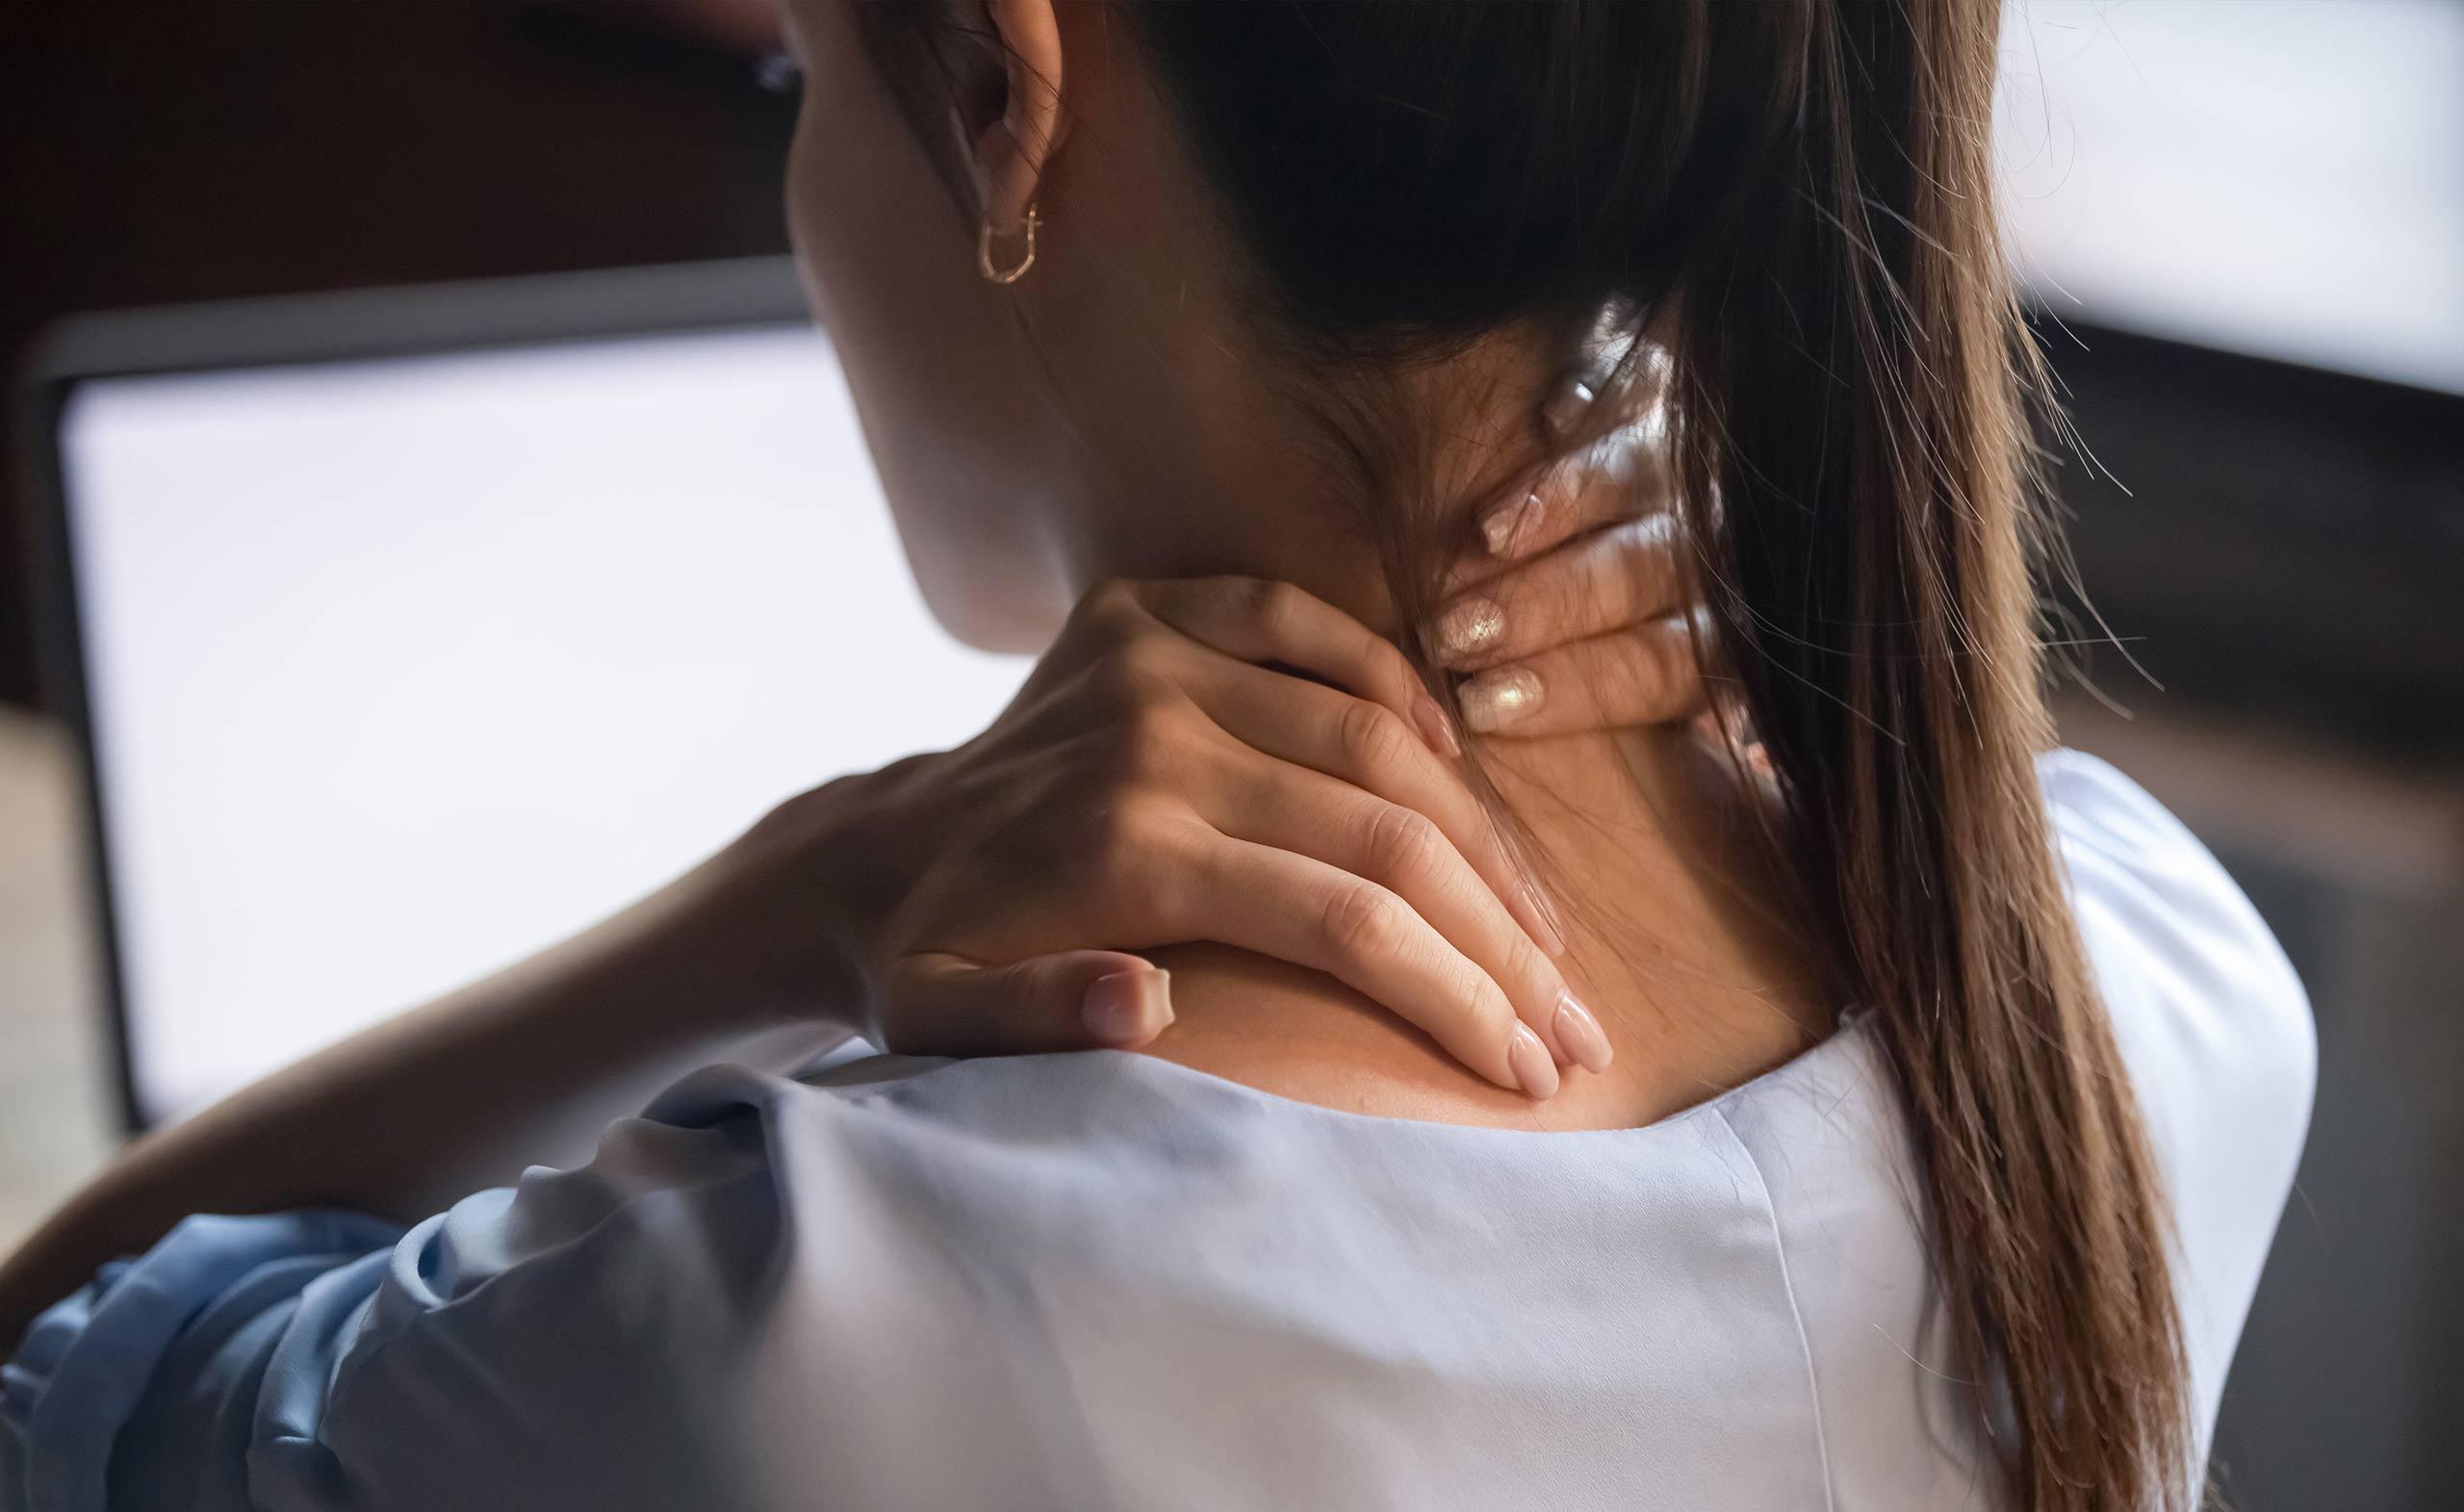 dolore-cronico-durante-la-pandemia